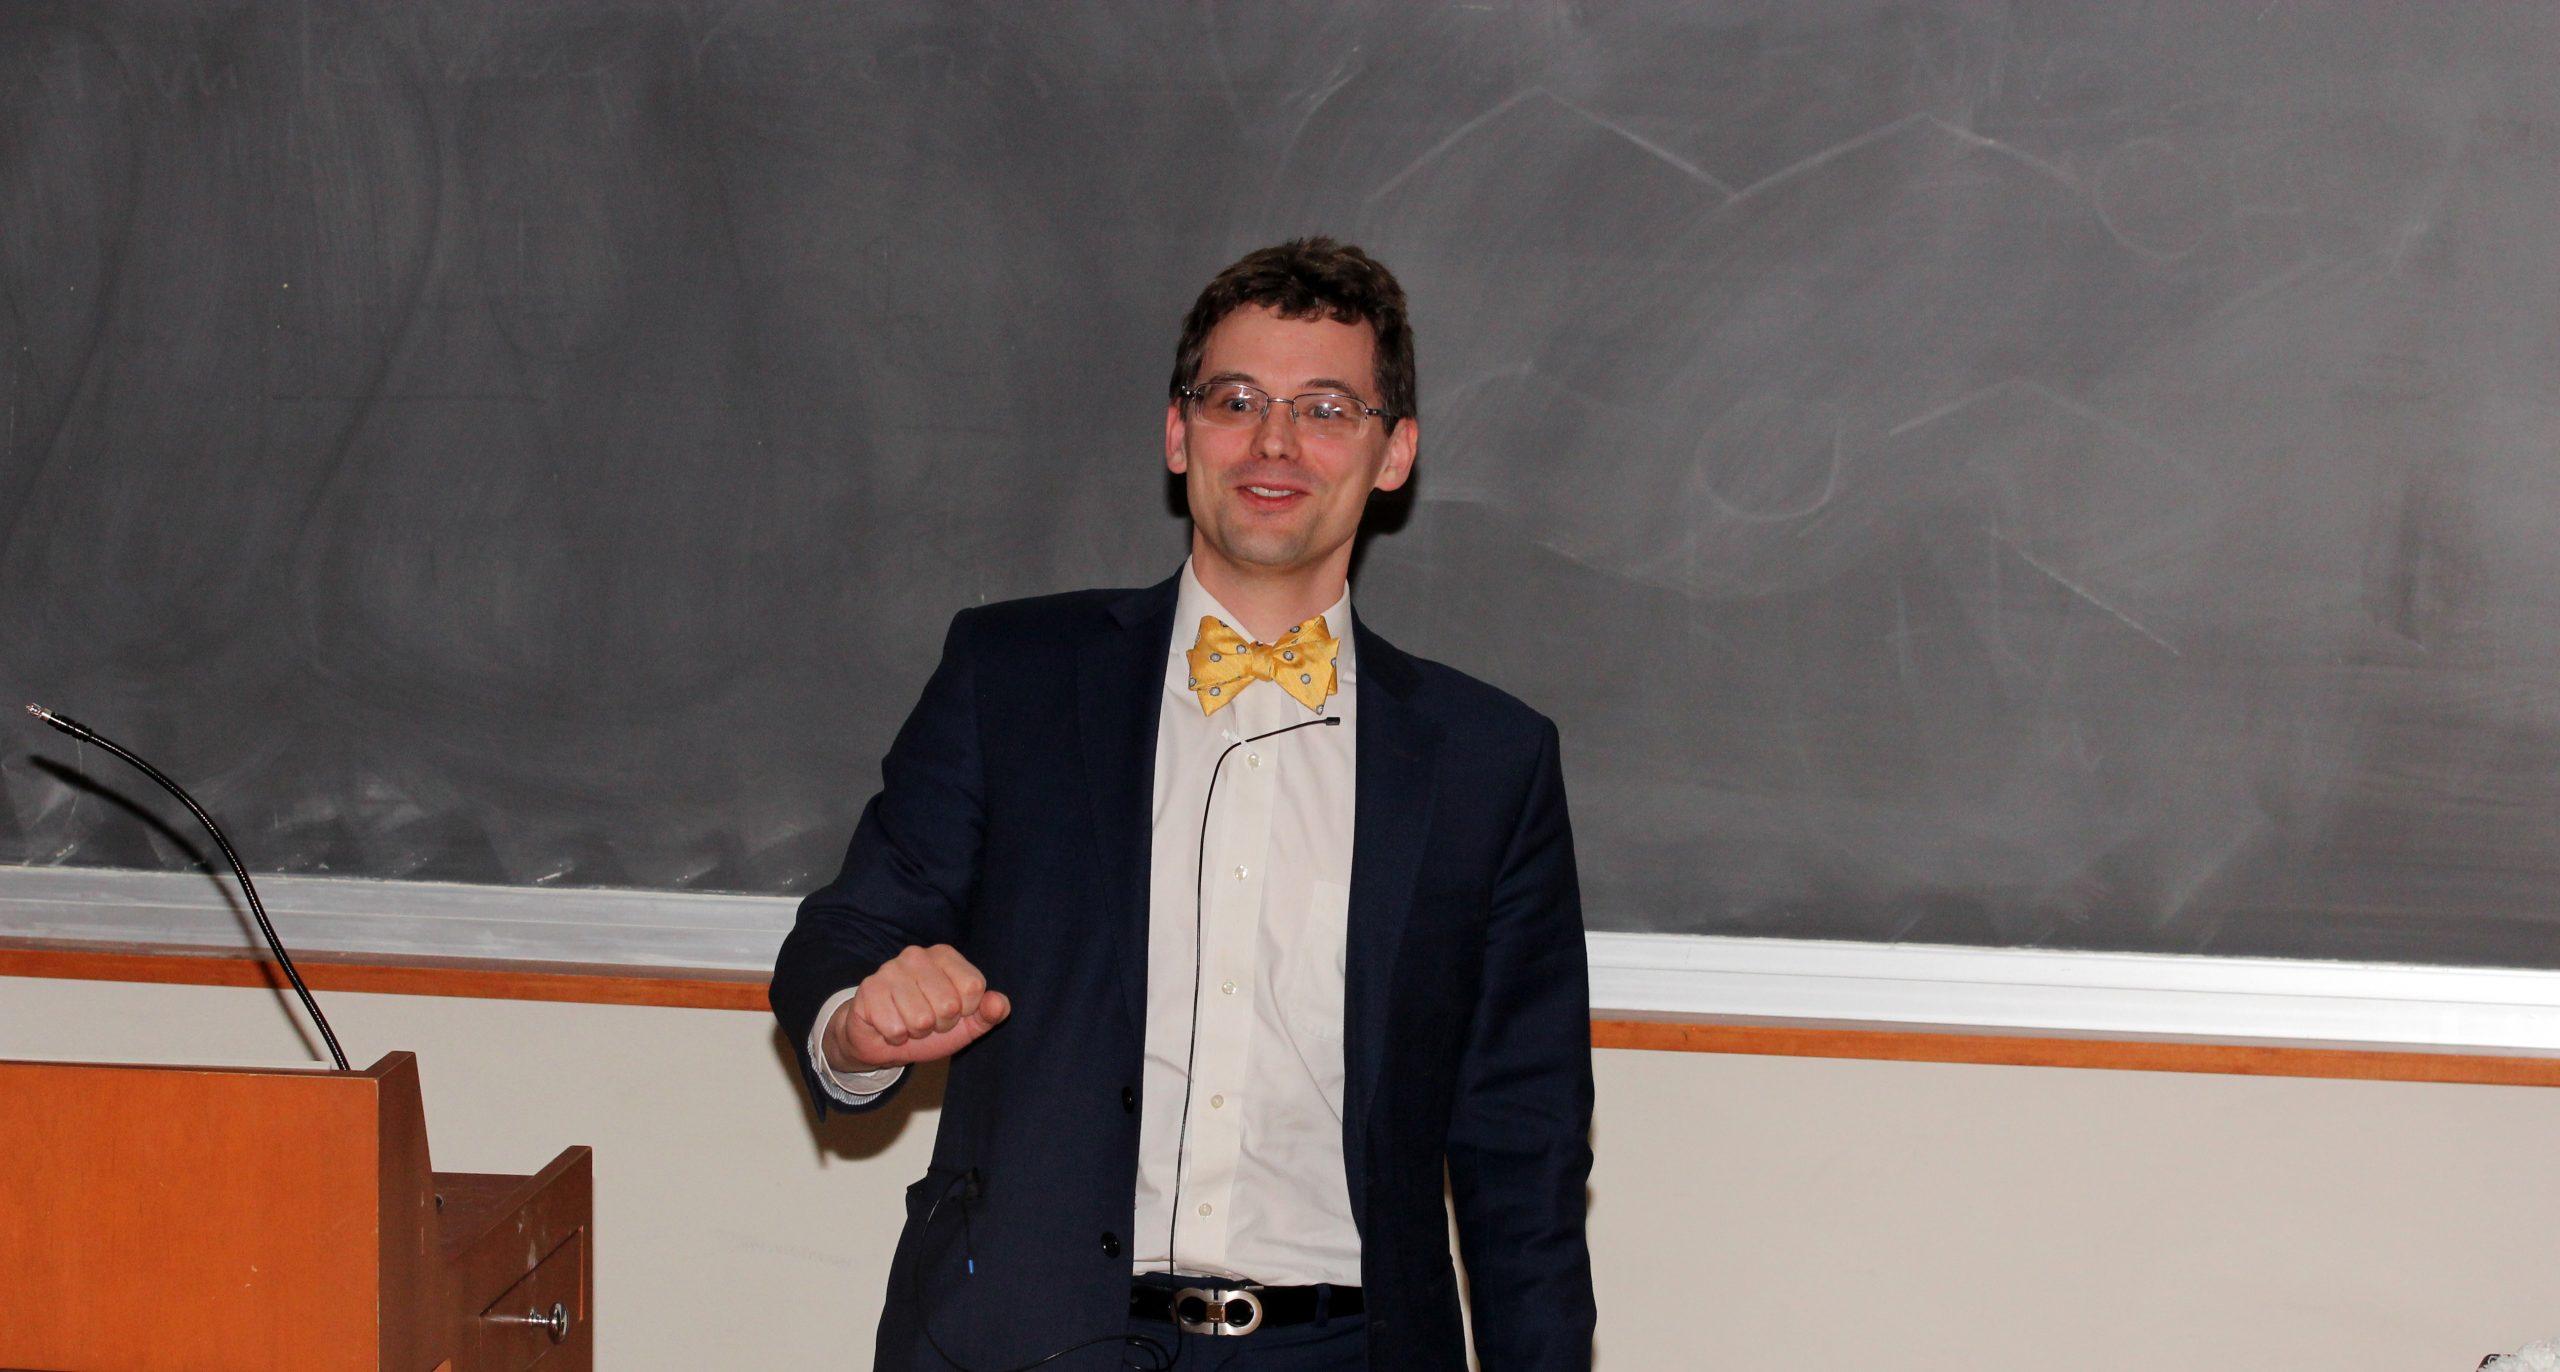 Professor in front of chalk board